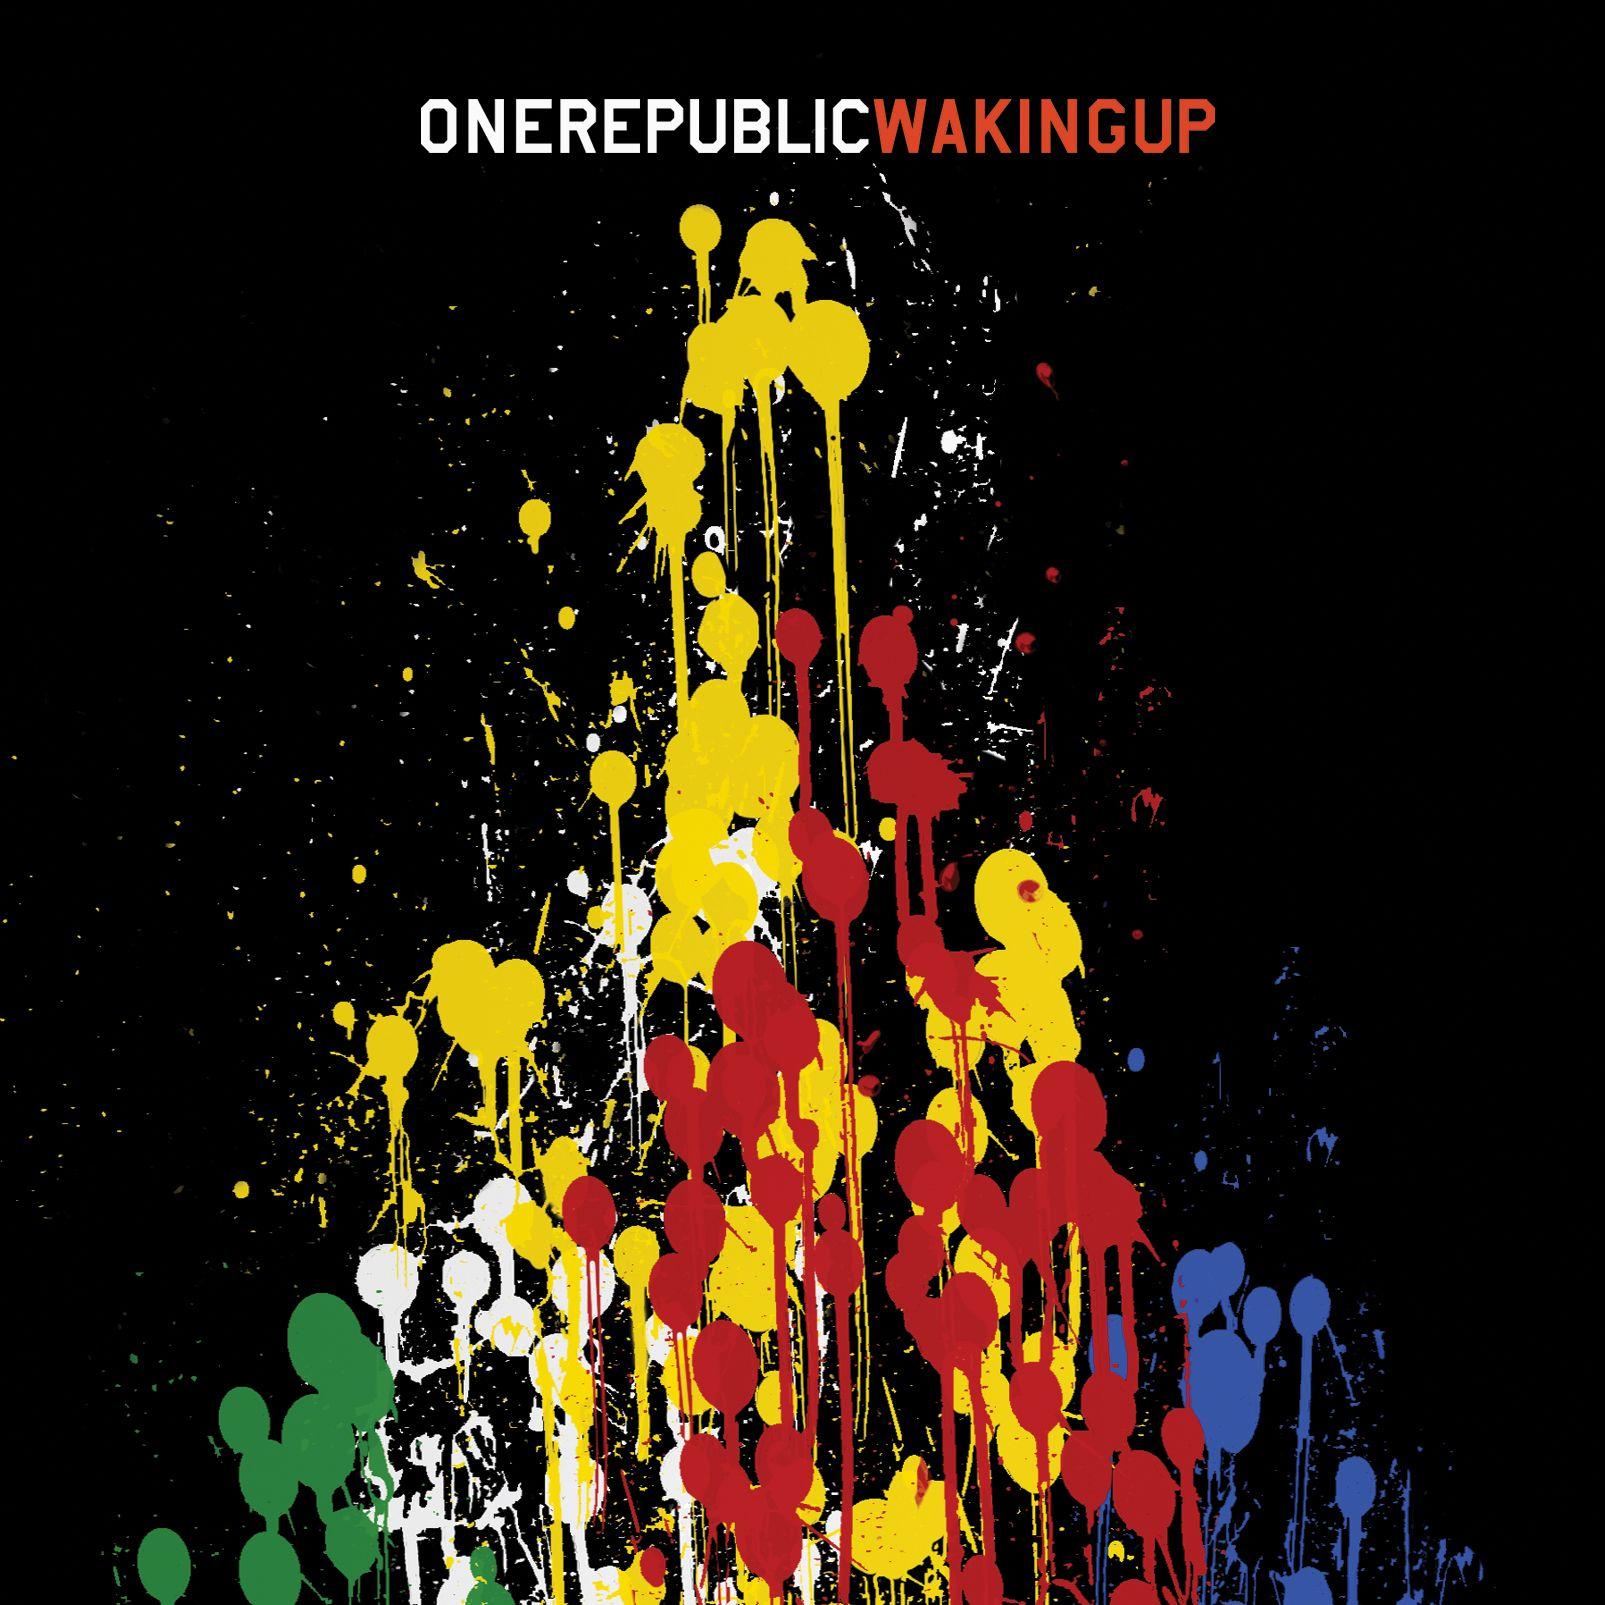 OneRepublic - Waking Up album cover